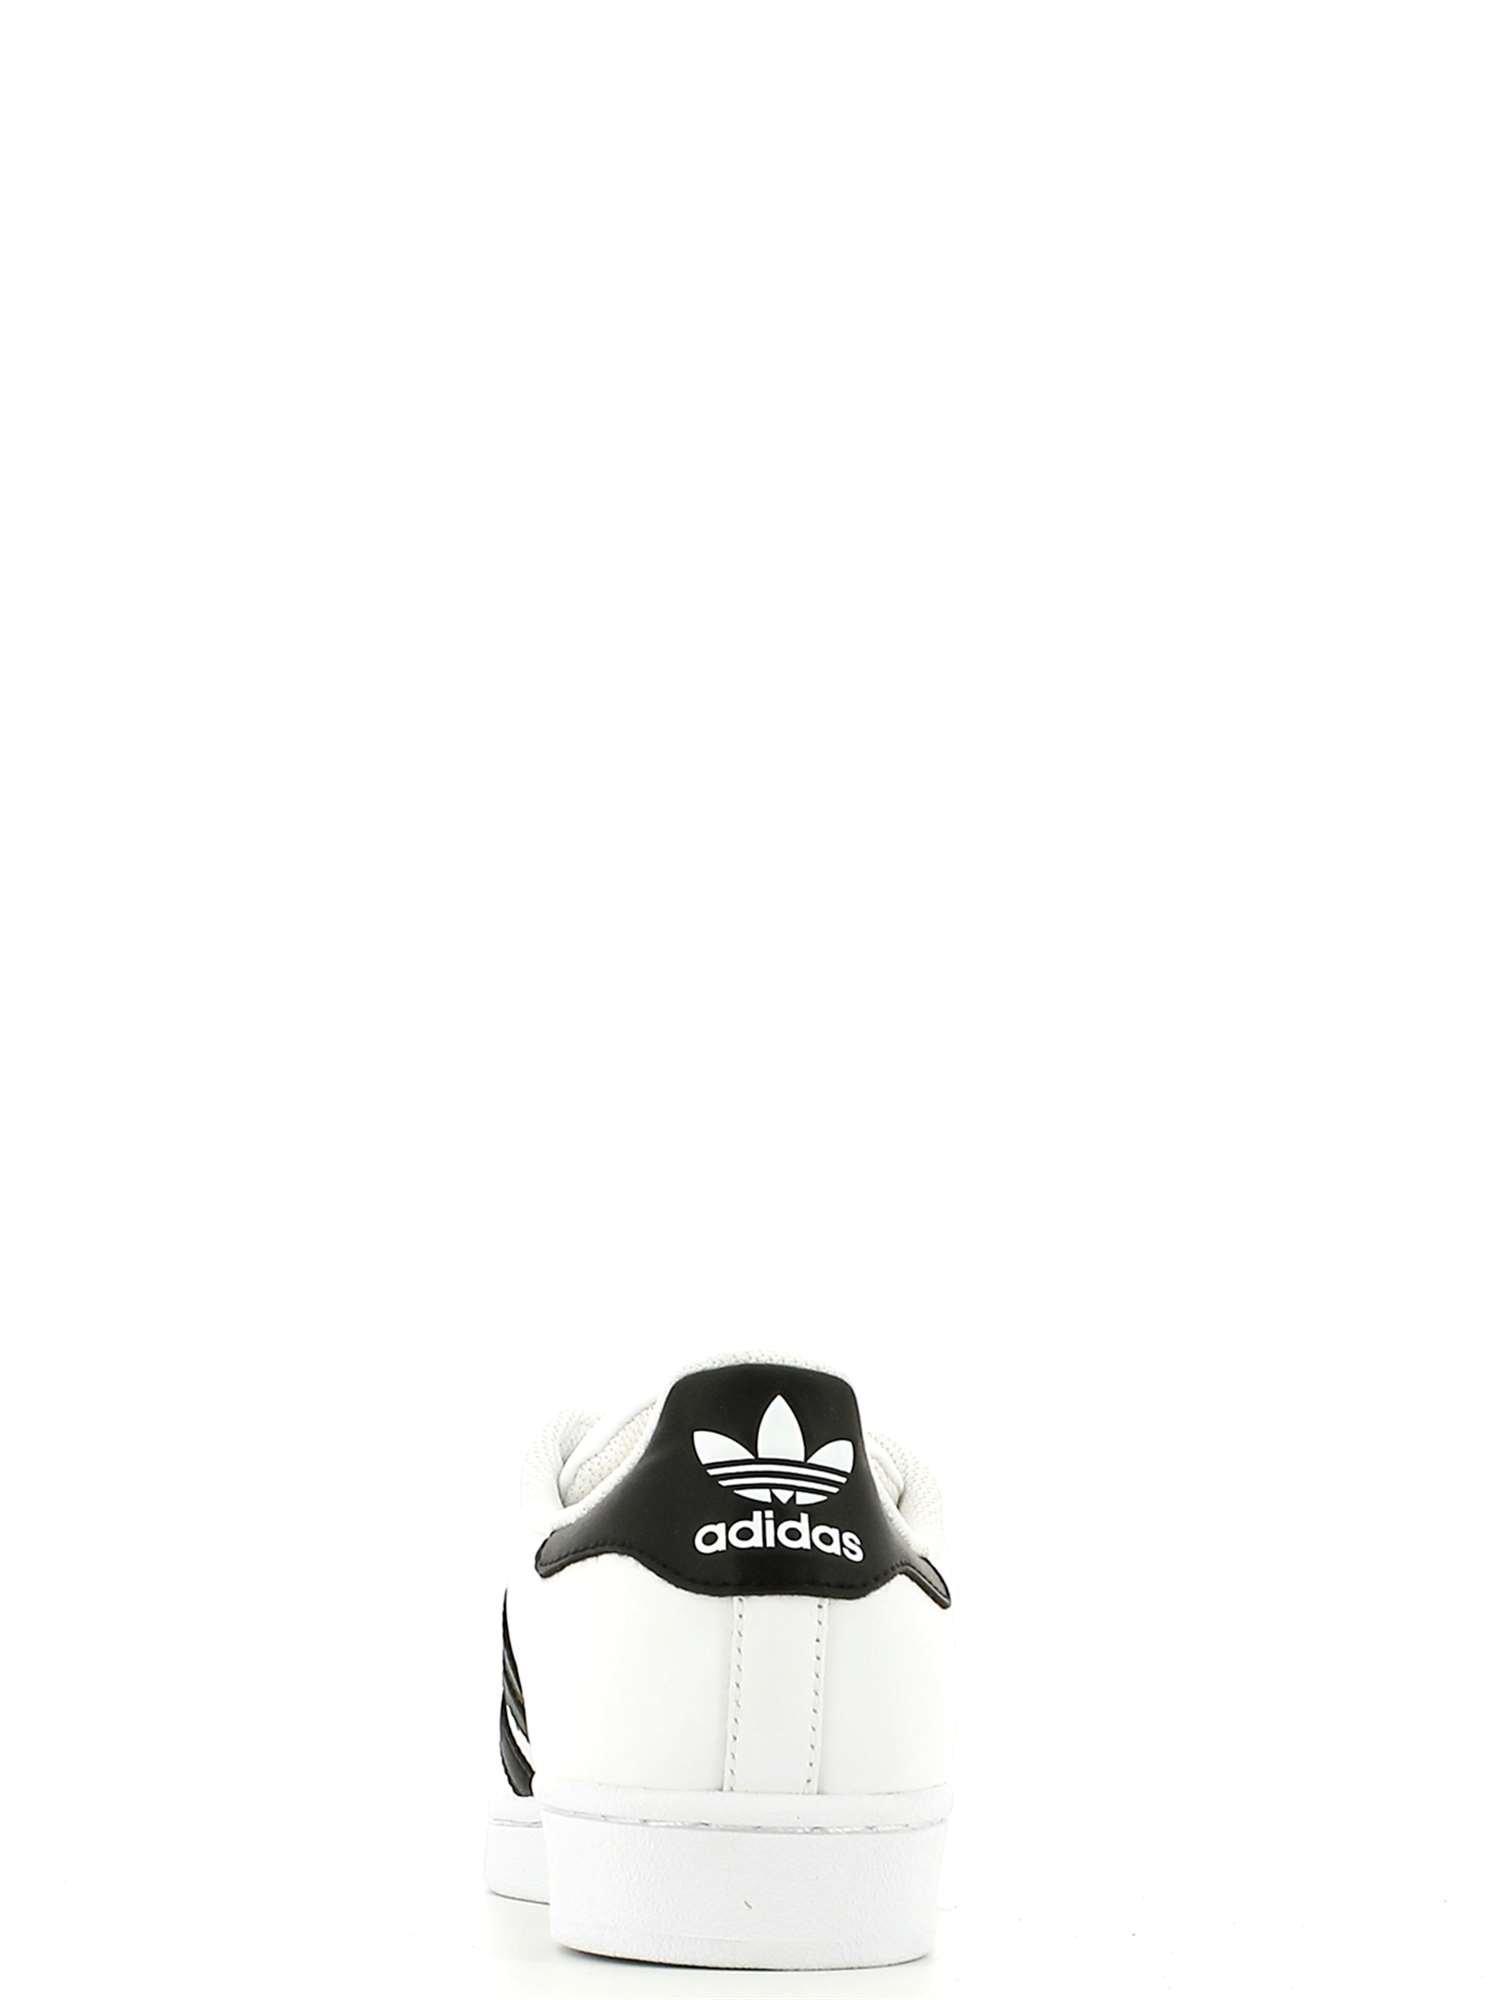 adidas Superstar, Scarpe da Fitness Uomo 3 spesavip